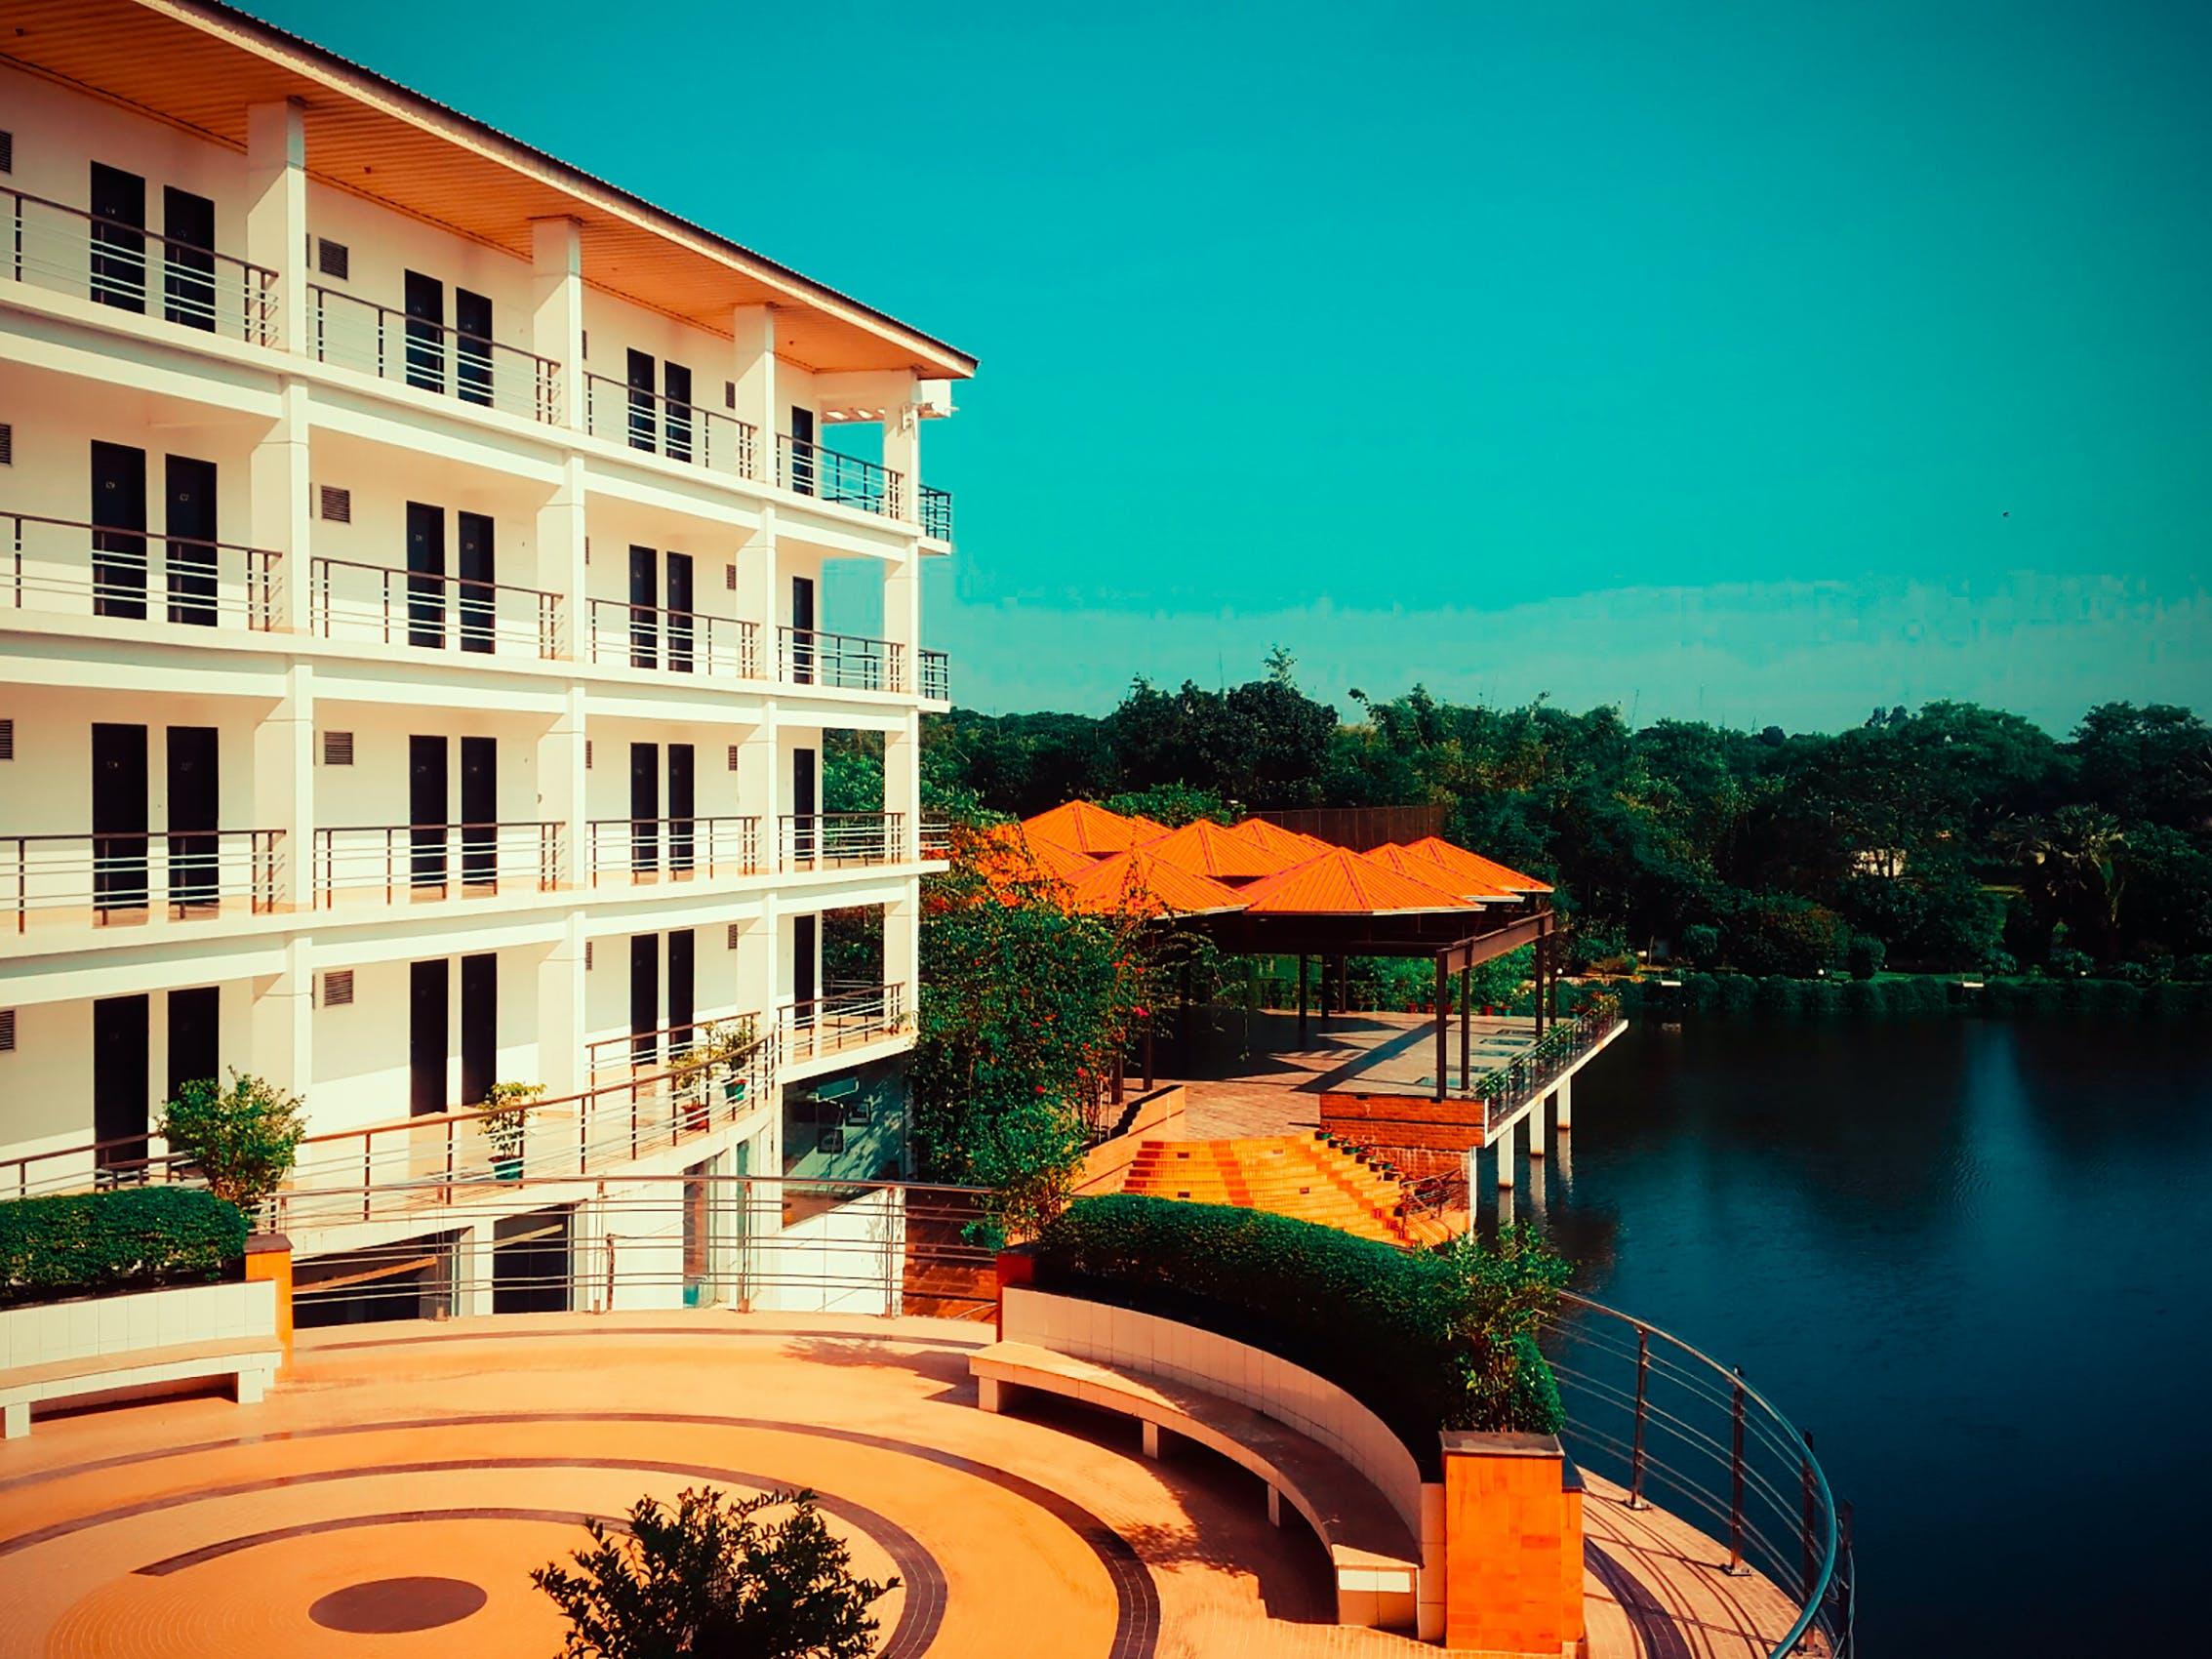 Kostenloses Stock Foto zu architektur, badeort, balkon, bäume